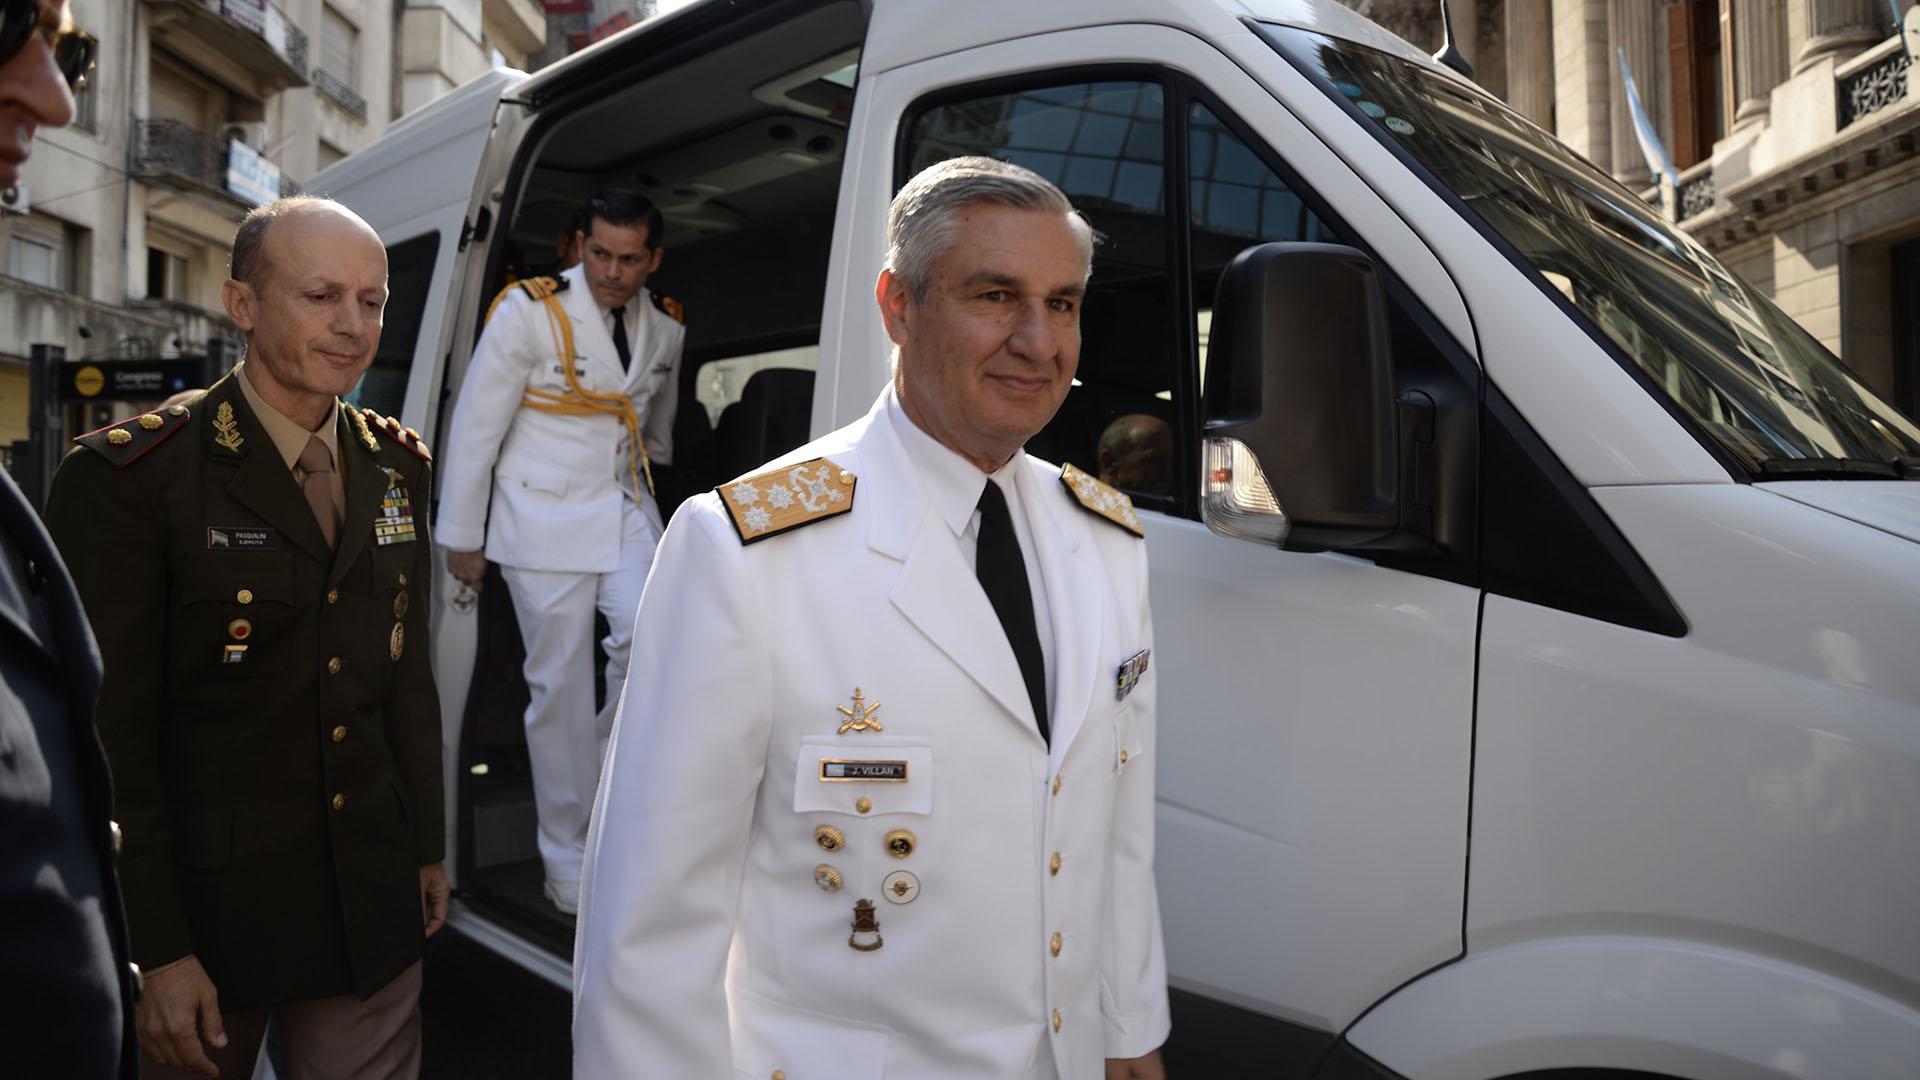 El jefe del Estado Mayor General de la Armada (interino) y Subjete del Estado Mayor Conjunto de las FFAA José Luis Villán